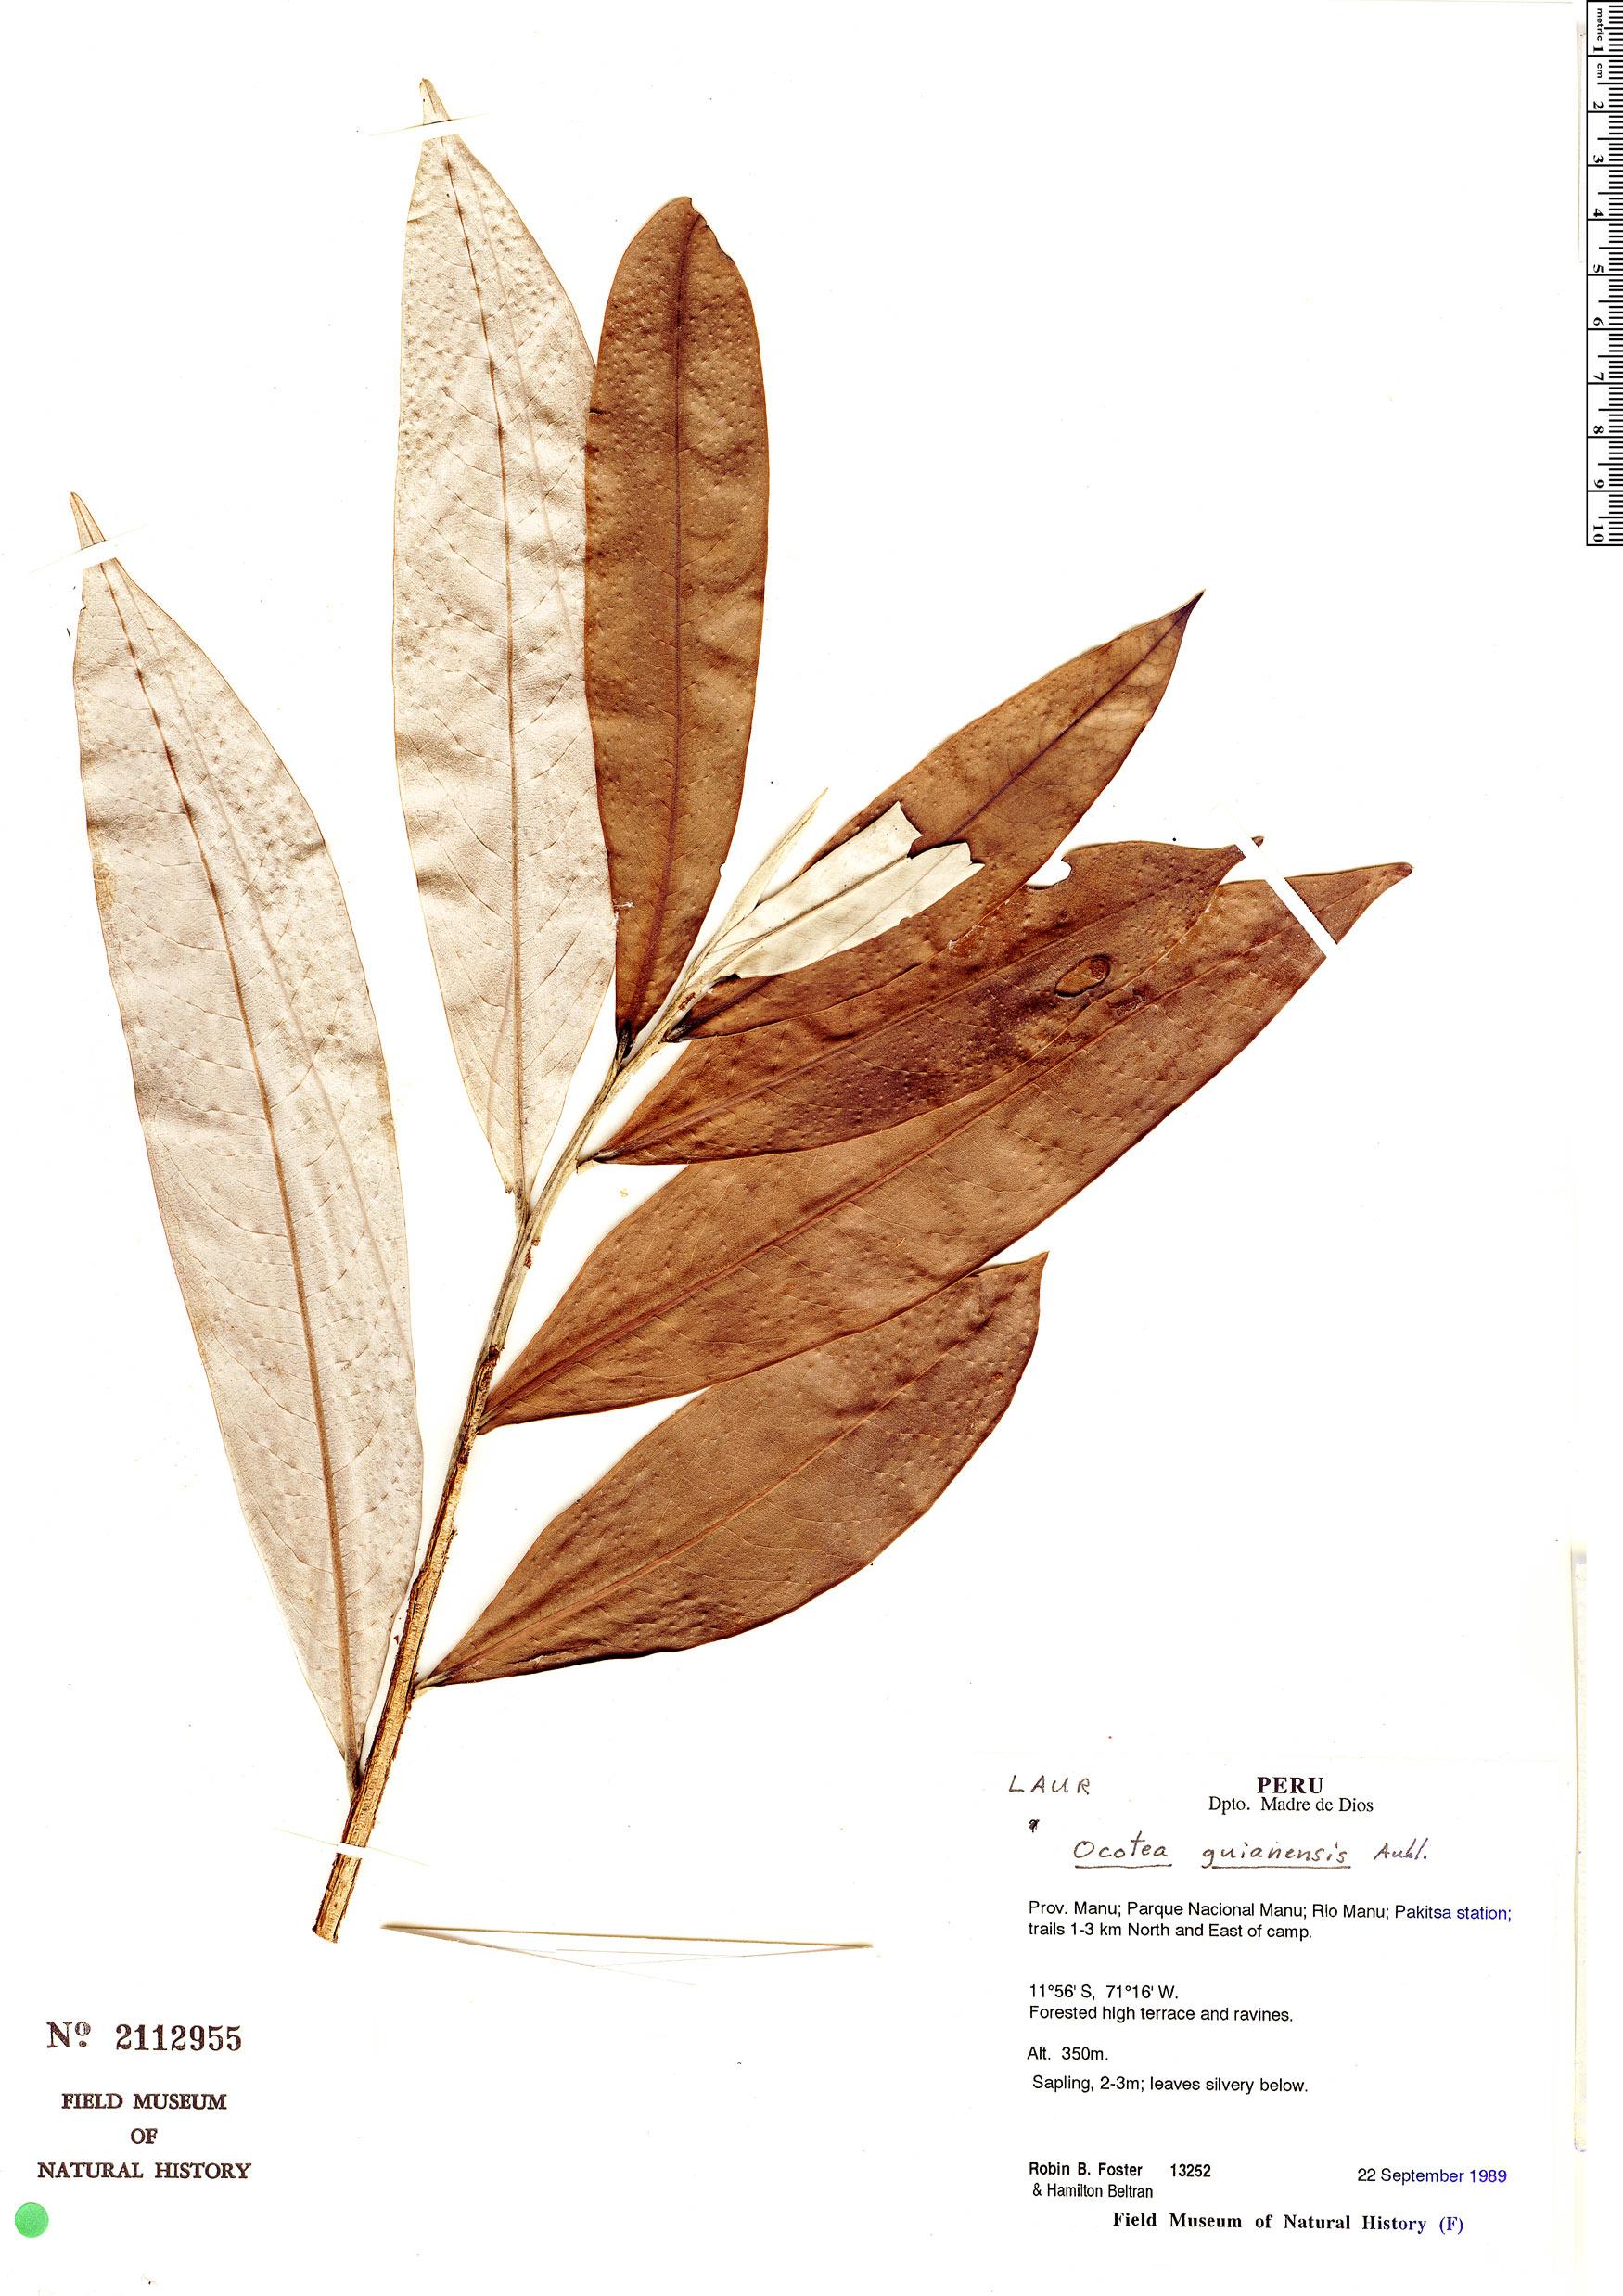 Specimen: Ocotea guianensis